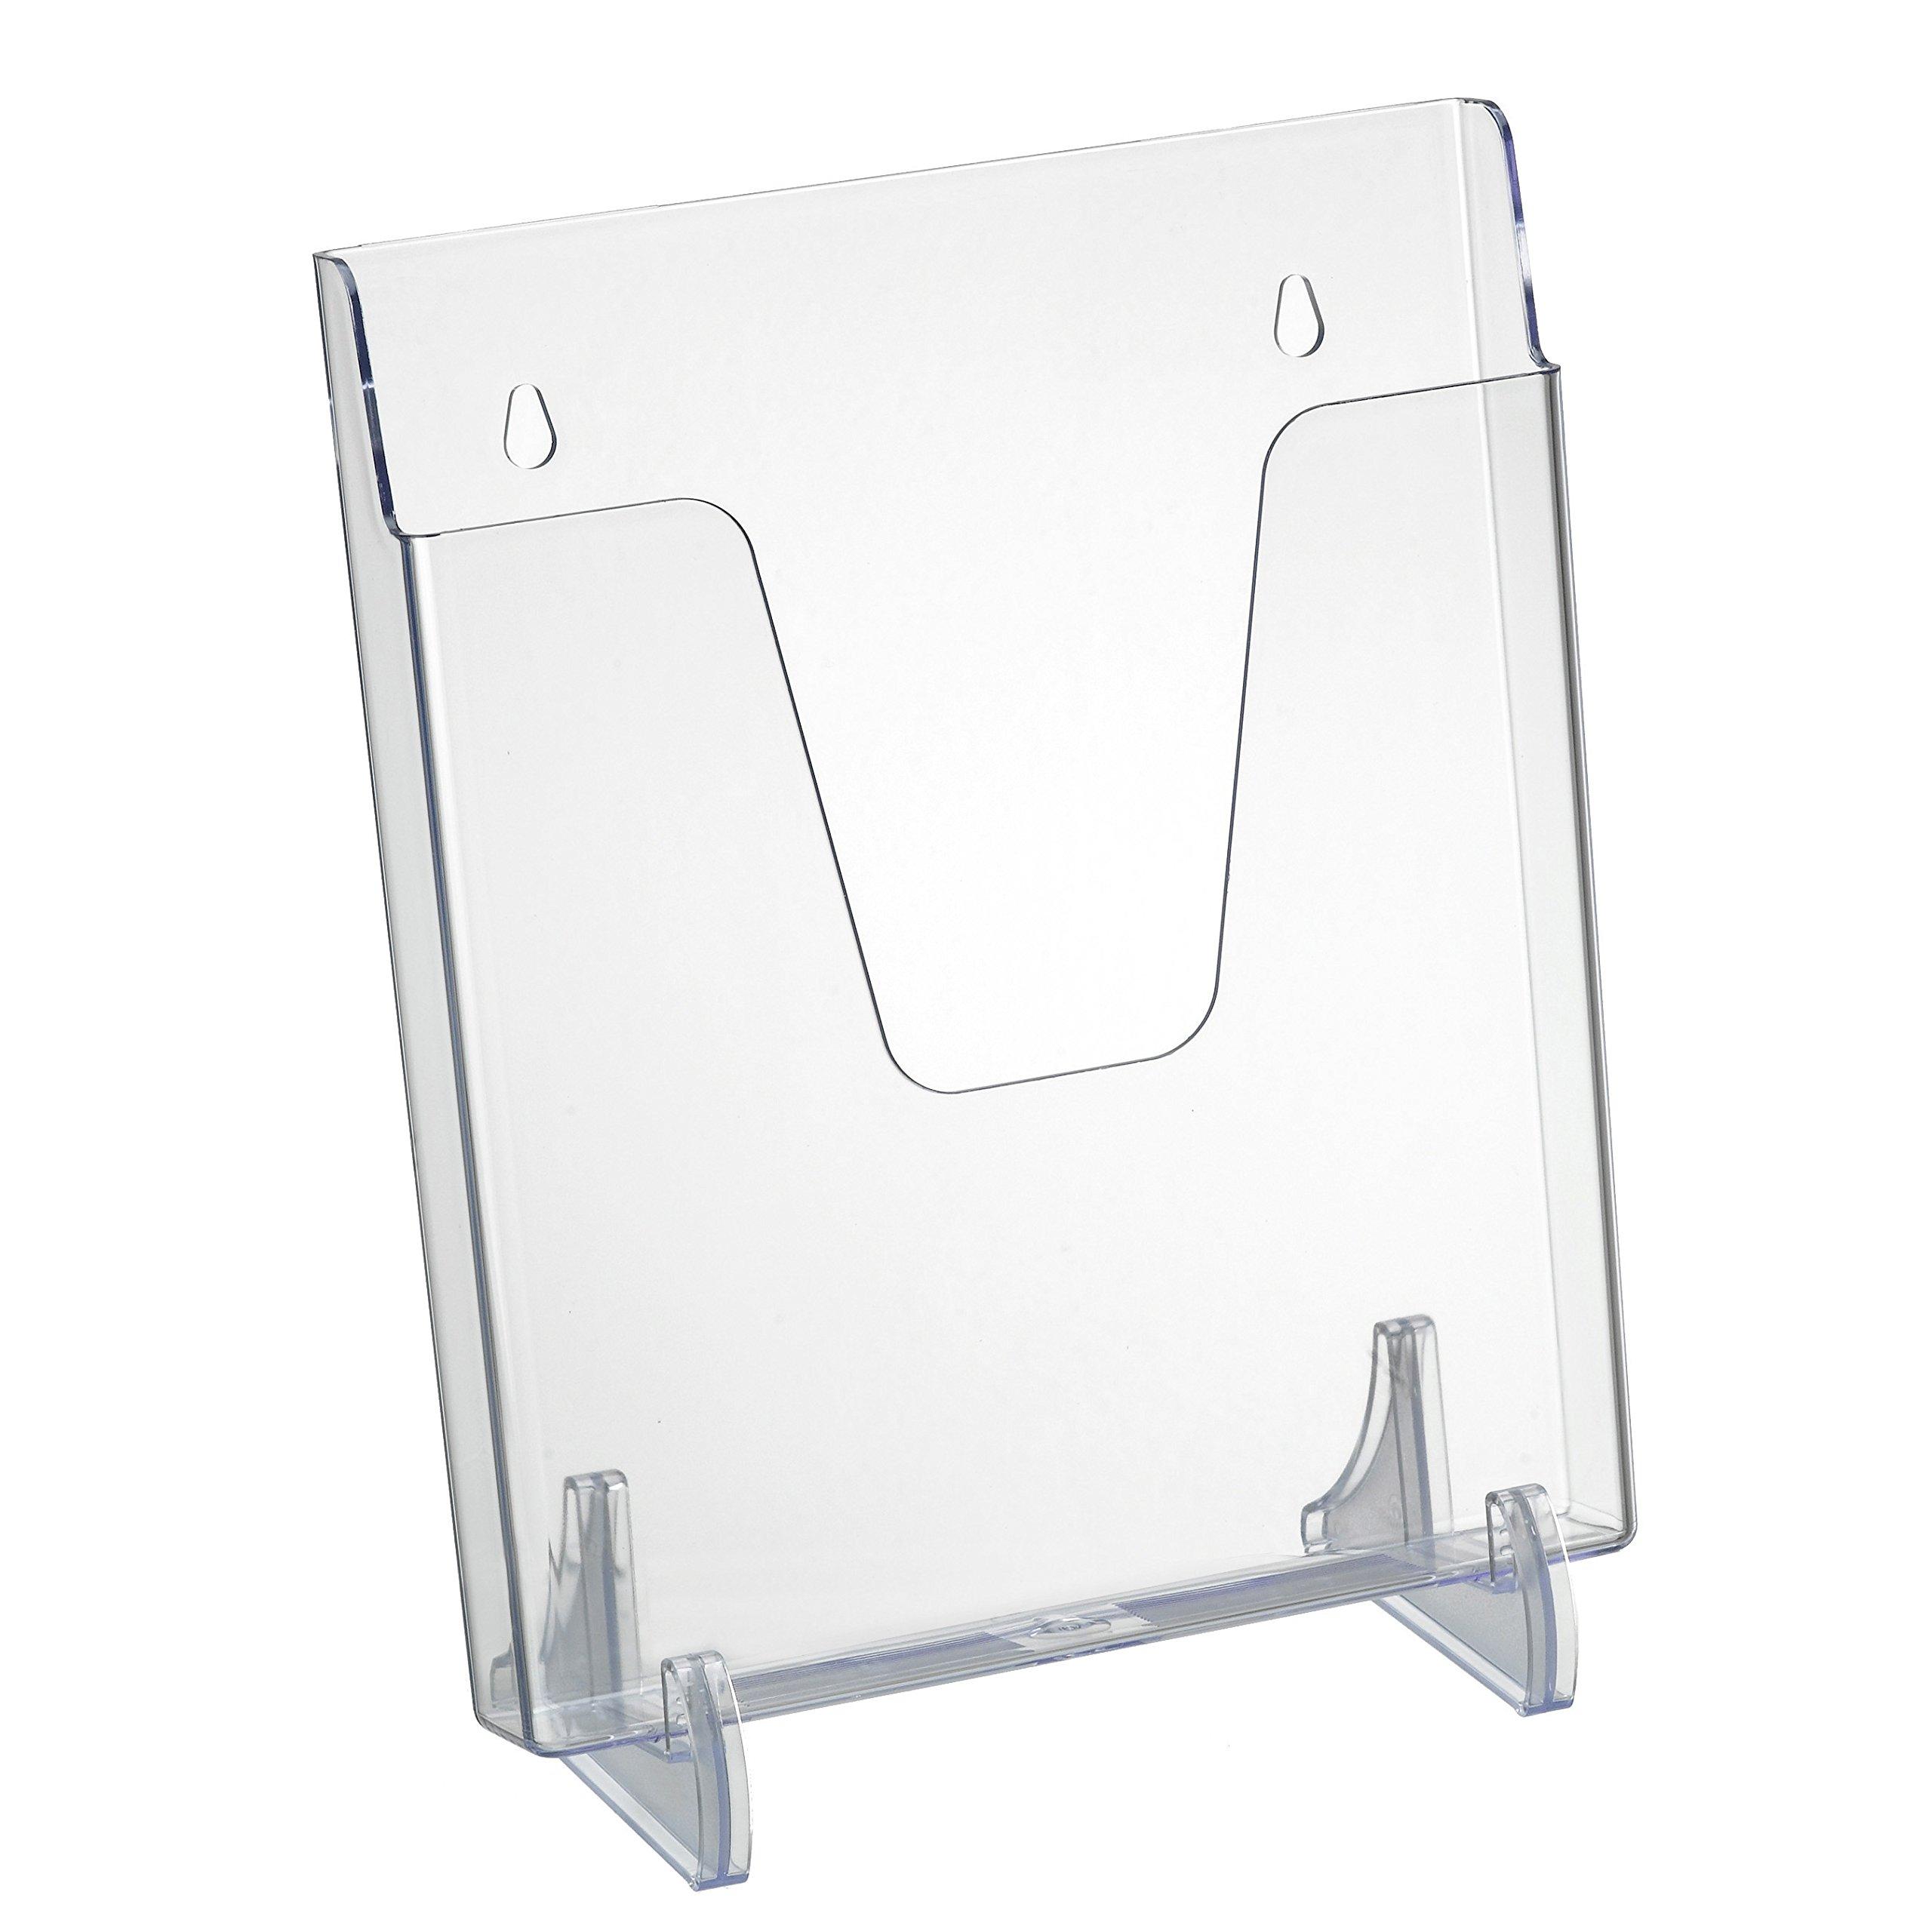 Acrimet Pocket File Vertical Display (Crystal Color)